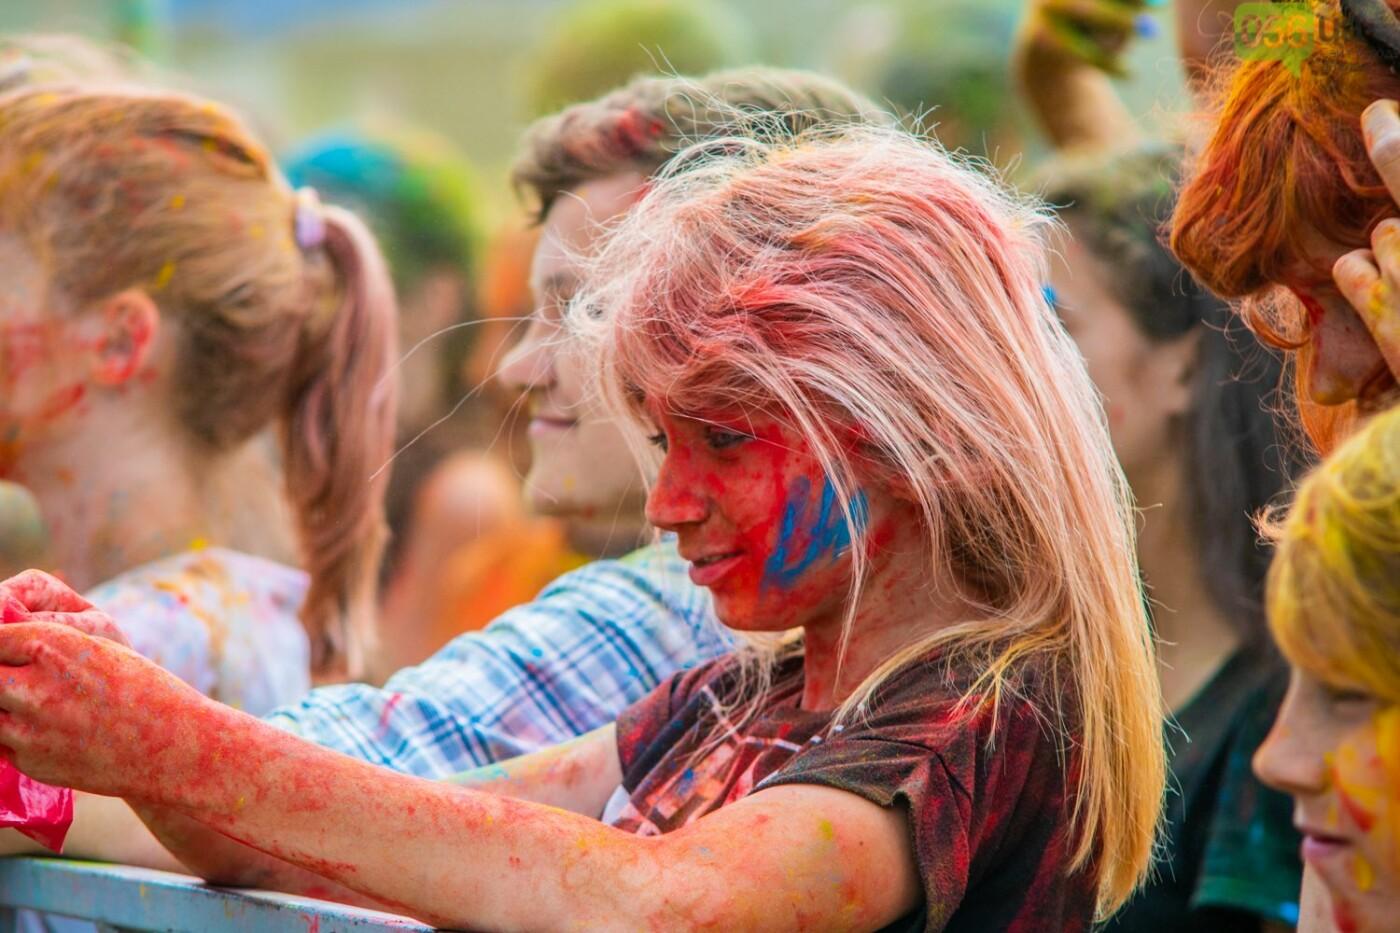 Фестиваль красок и свадьбы: как в Днепре прошел День молодежи, - ФОТОРЕПОРТАЖ, ВИДЕО, фото-8